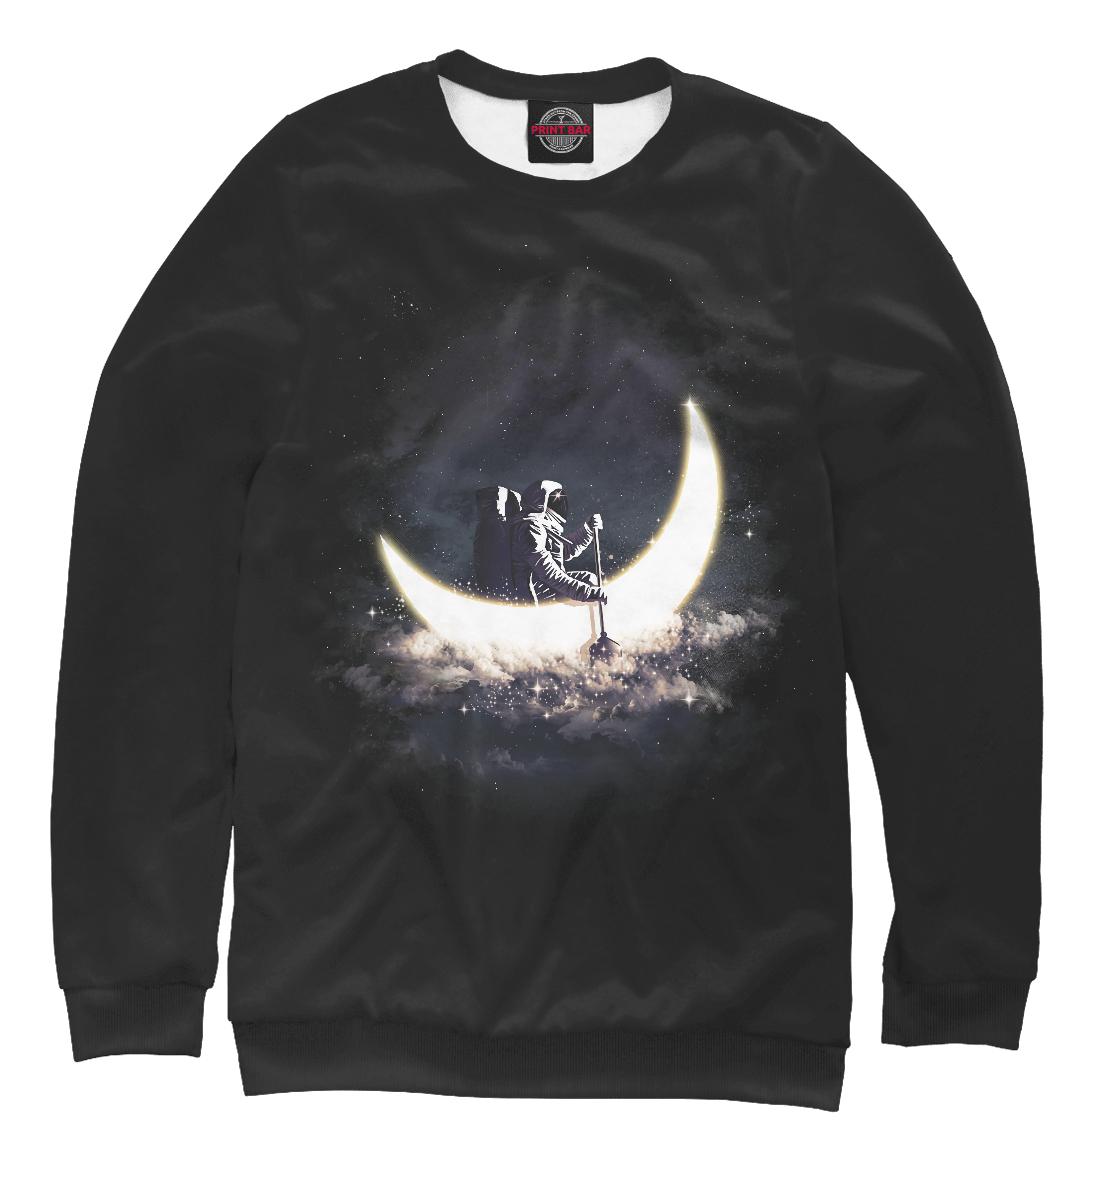 Купить Космонавт в лунной лодке, Printbar, Свитшоты, ARC-795248-swi-1